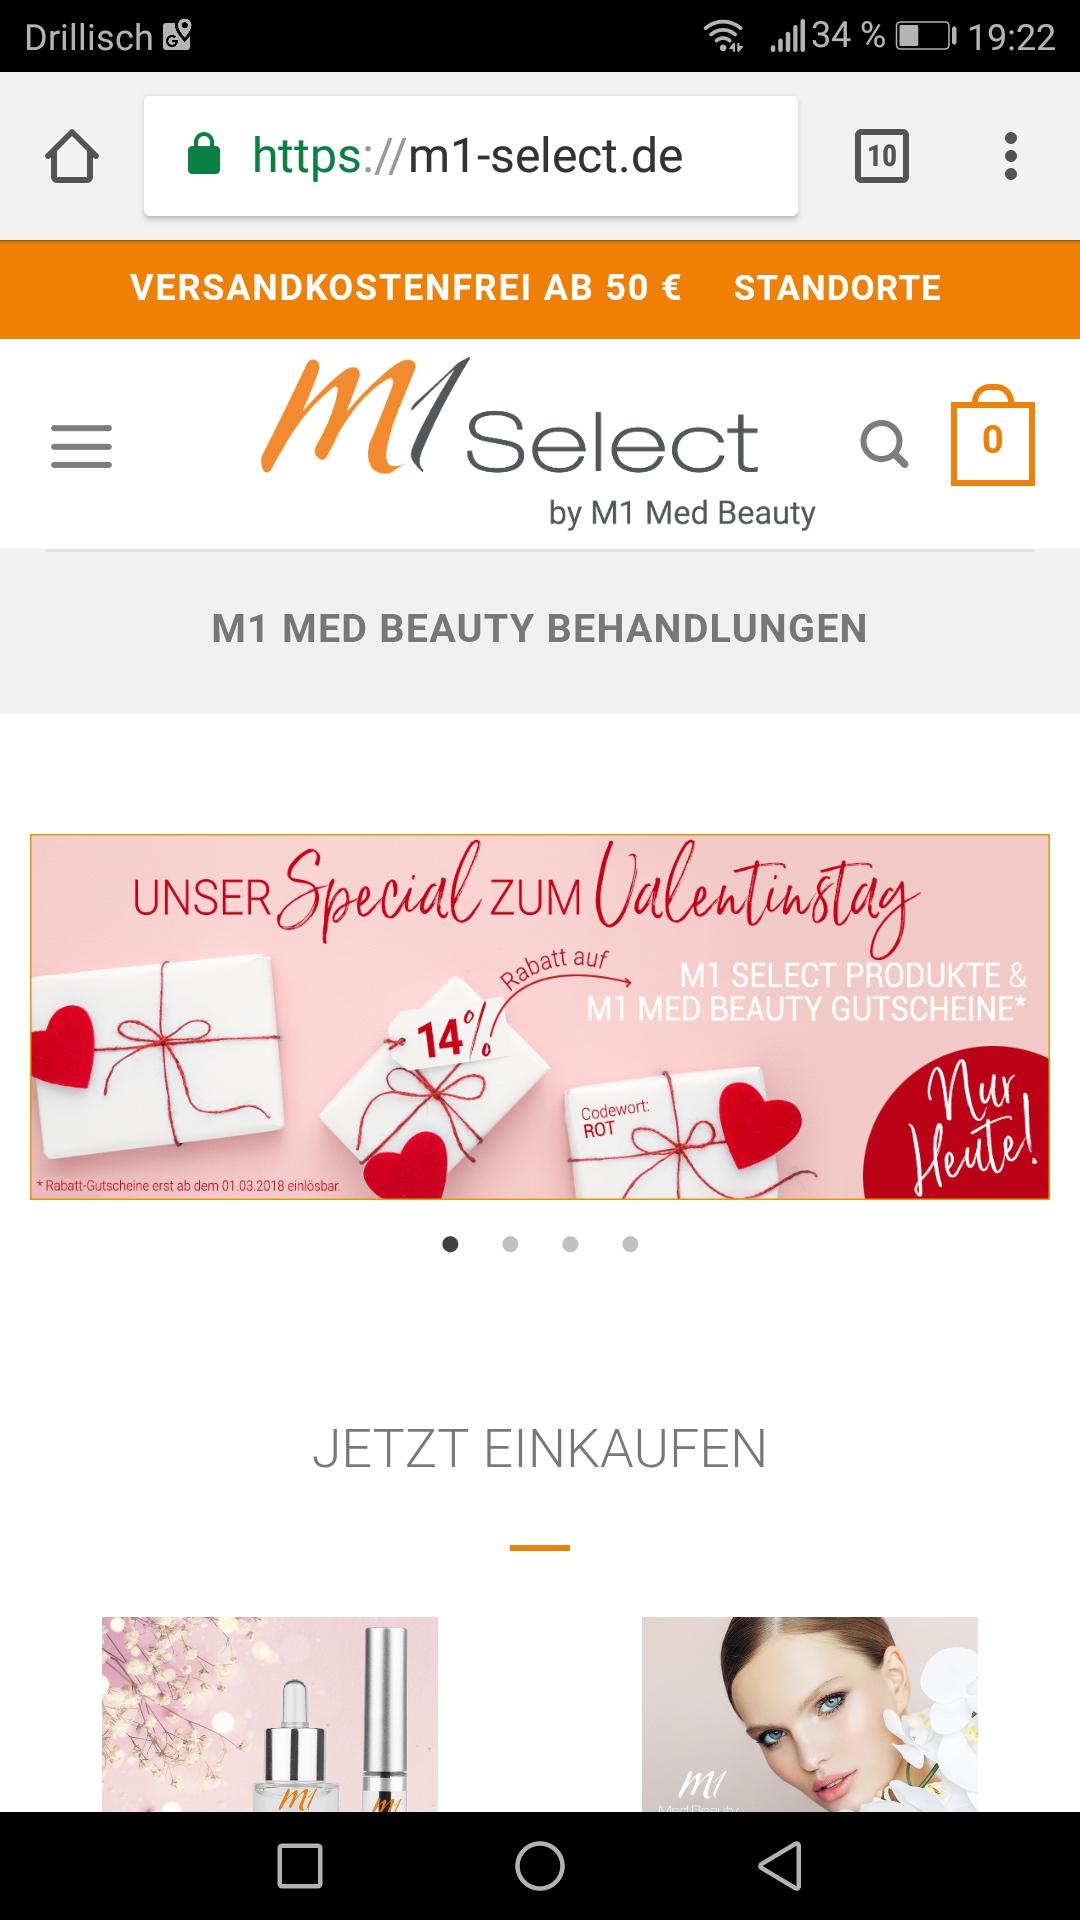 M1 Med Beauty 14% auf Pflegeprodukte und Gutscheine